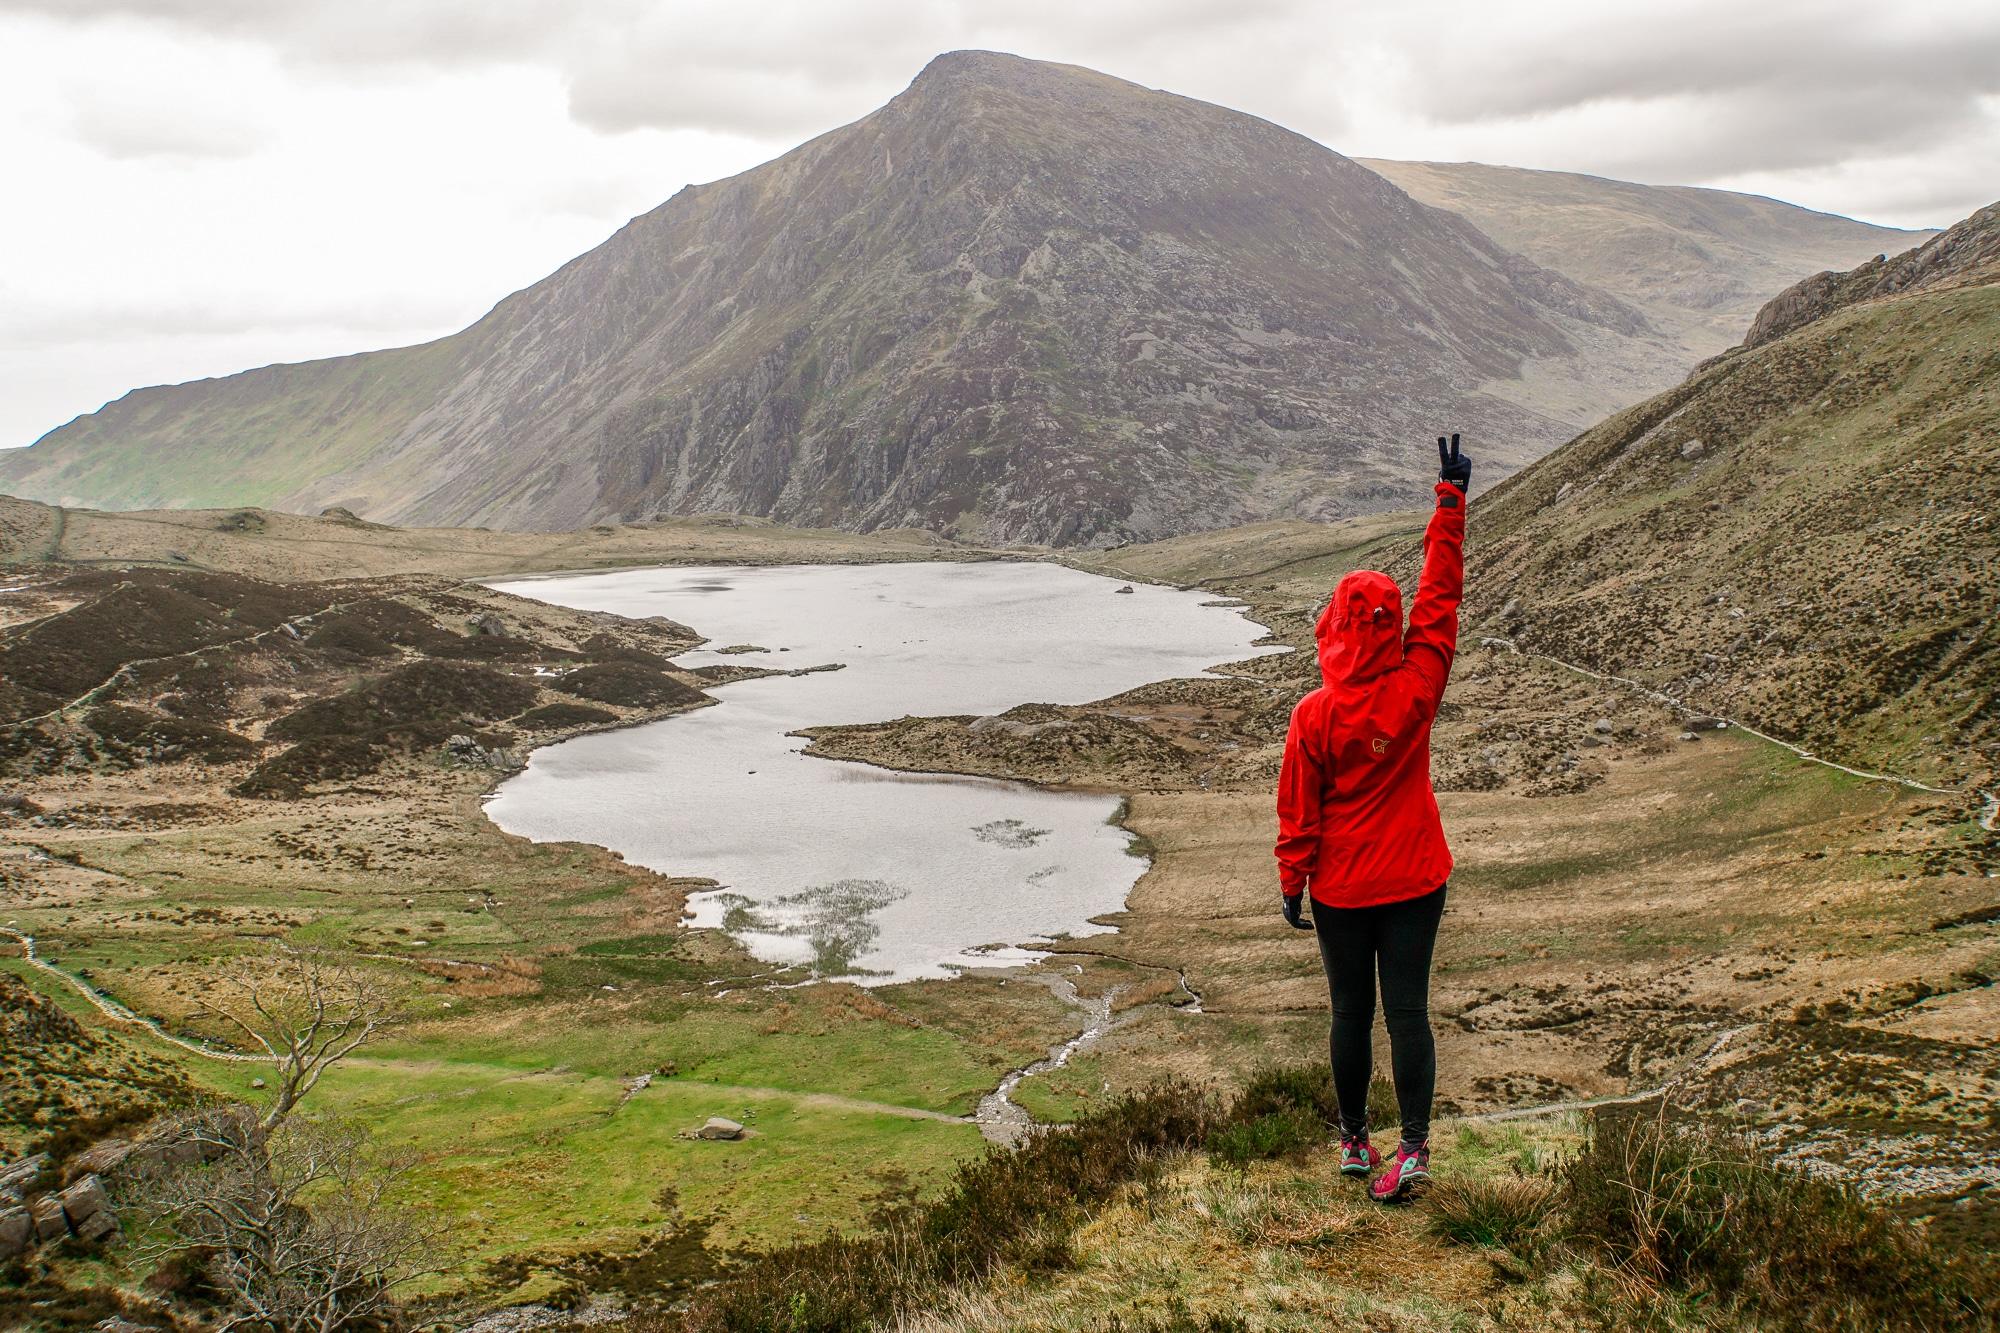 Cottage mieten Wales: Gründe, die dafür sprechen und Sehenswürdigkeiten im Norden von Wales und in Snowdonia